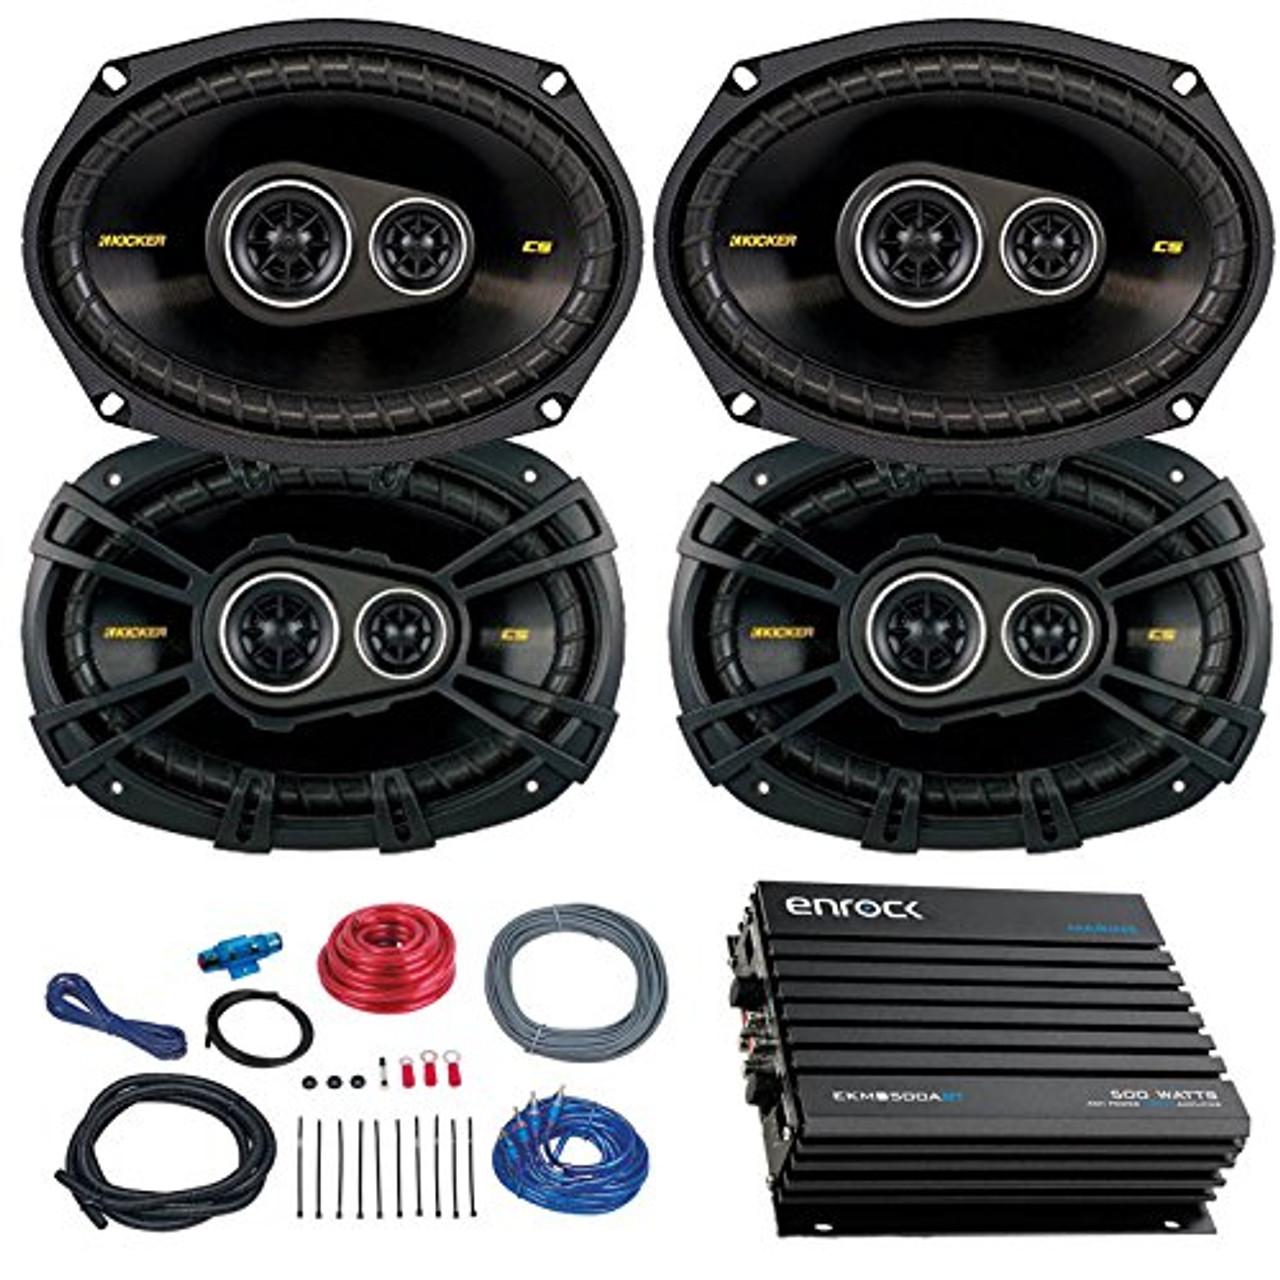 car speaker set with amplifier 4 kicker cs6934 6x9 inch 900 watt 4 ohm [ 1280 x 1280 Pixel ]